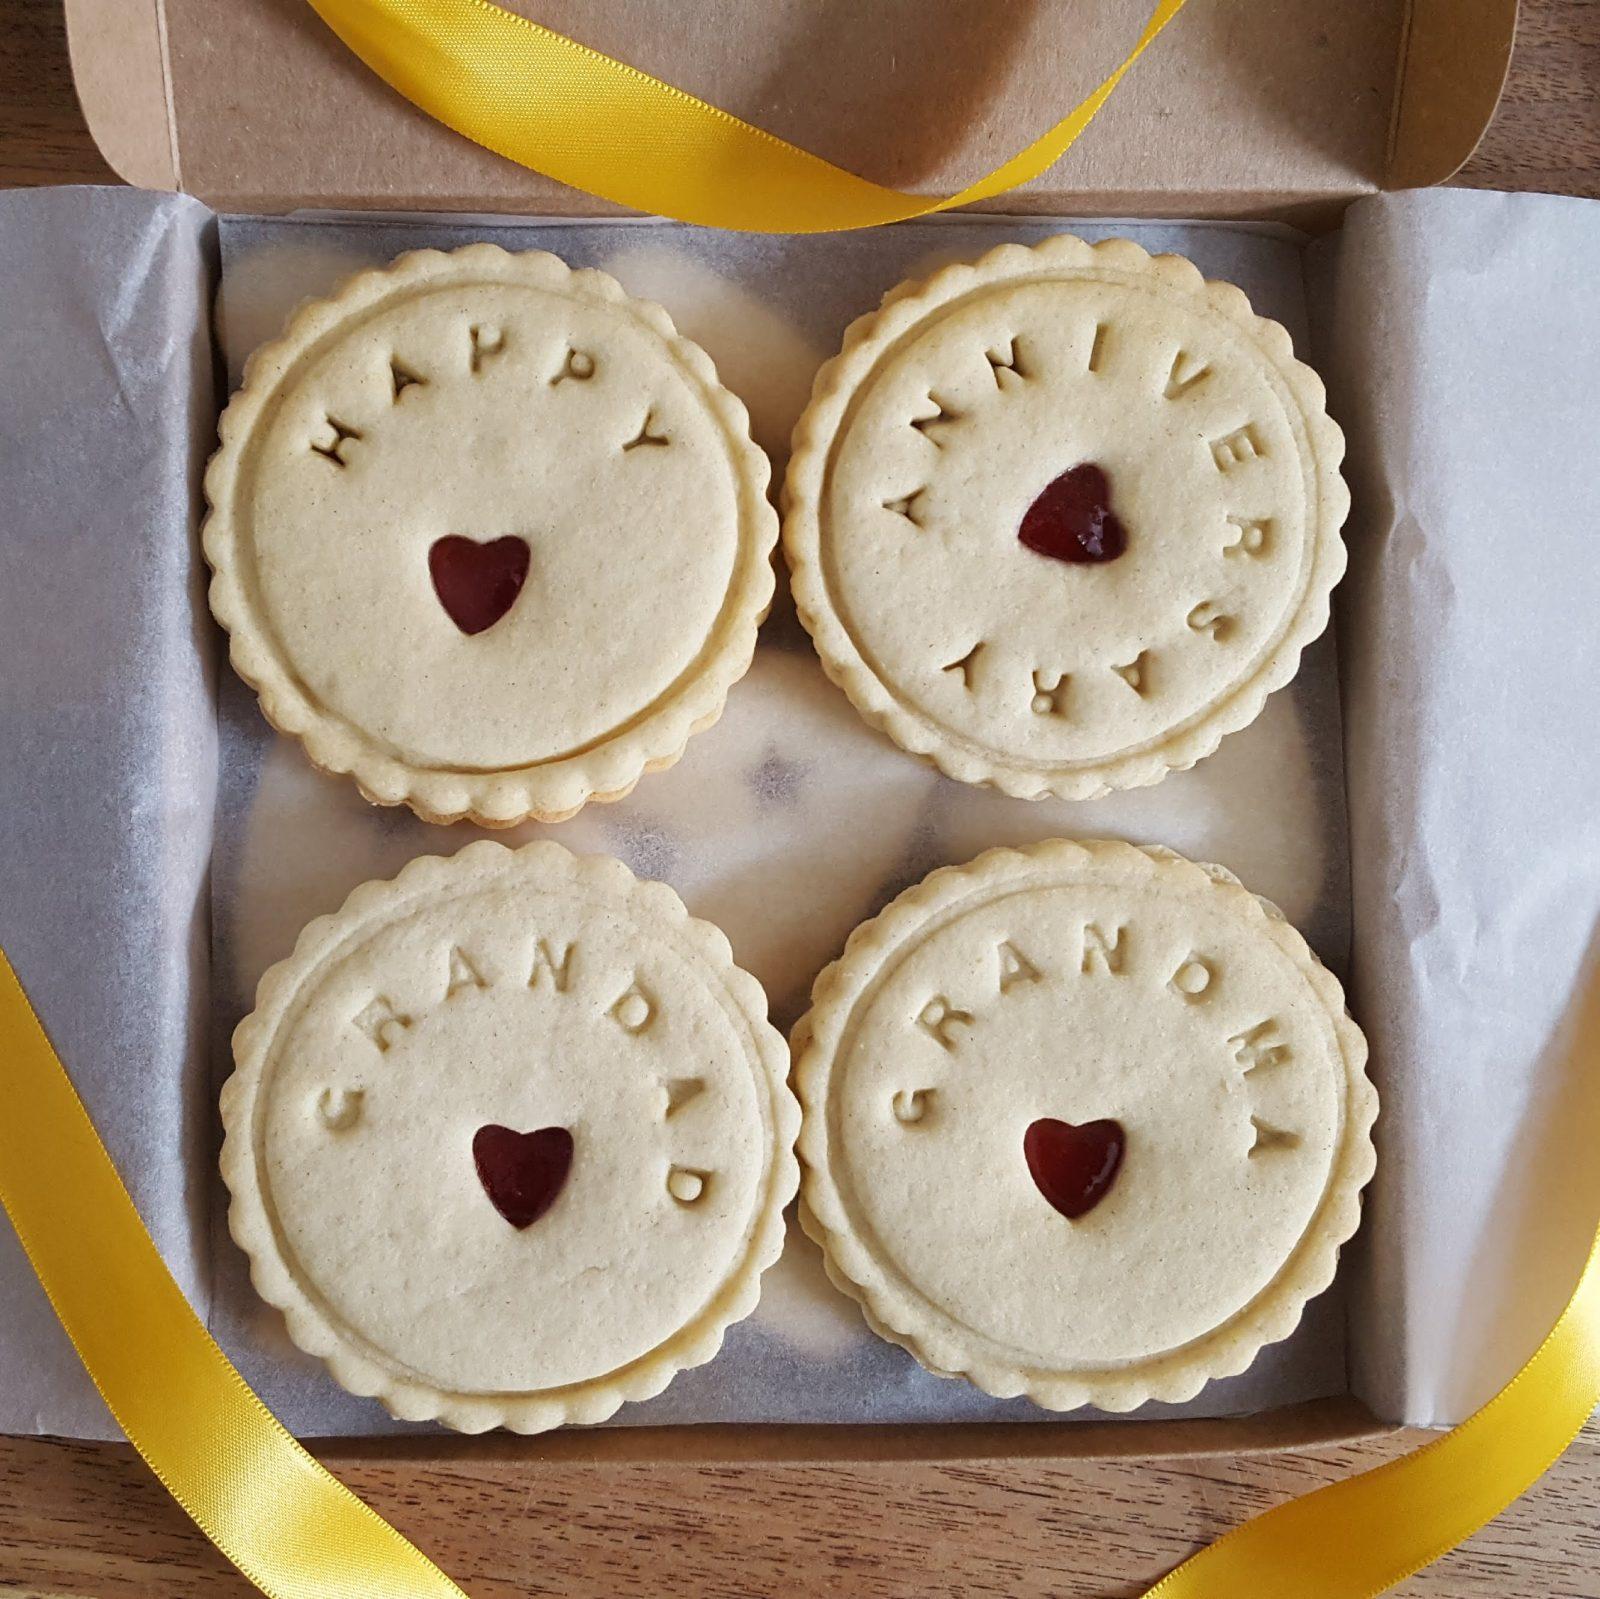 Happy anniversary jam sandwich message biscuits